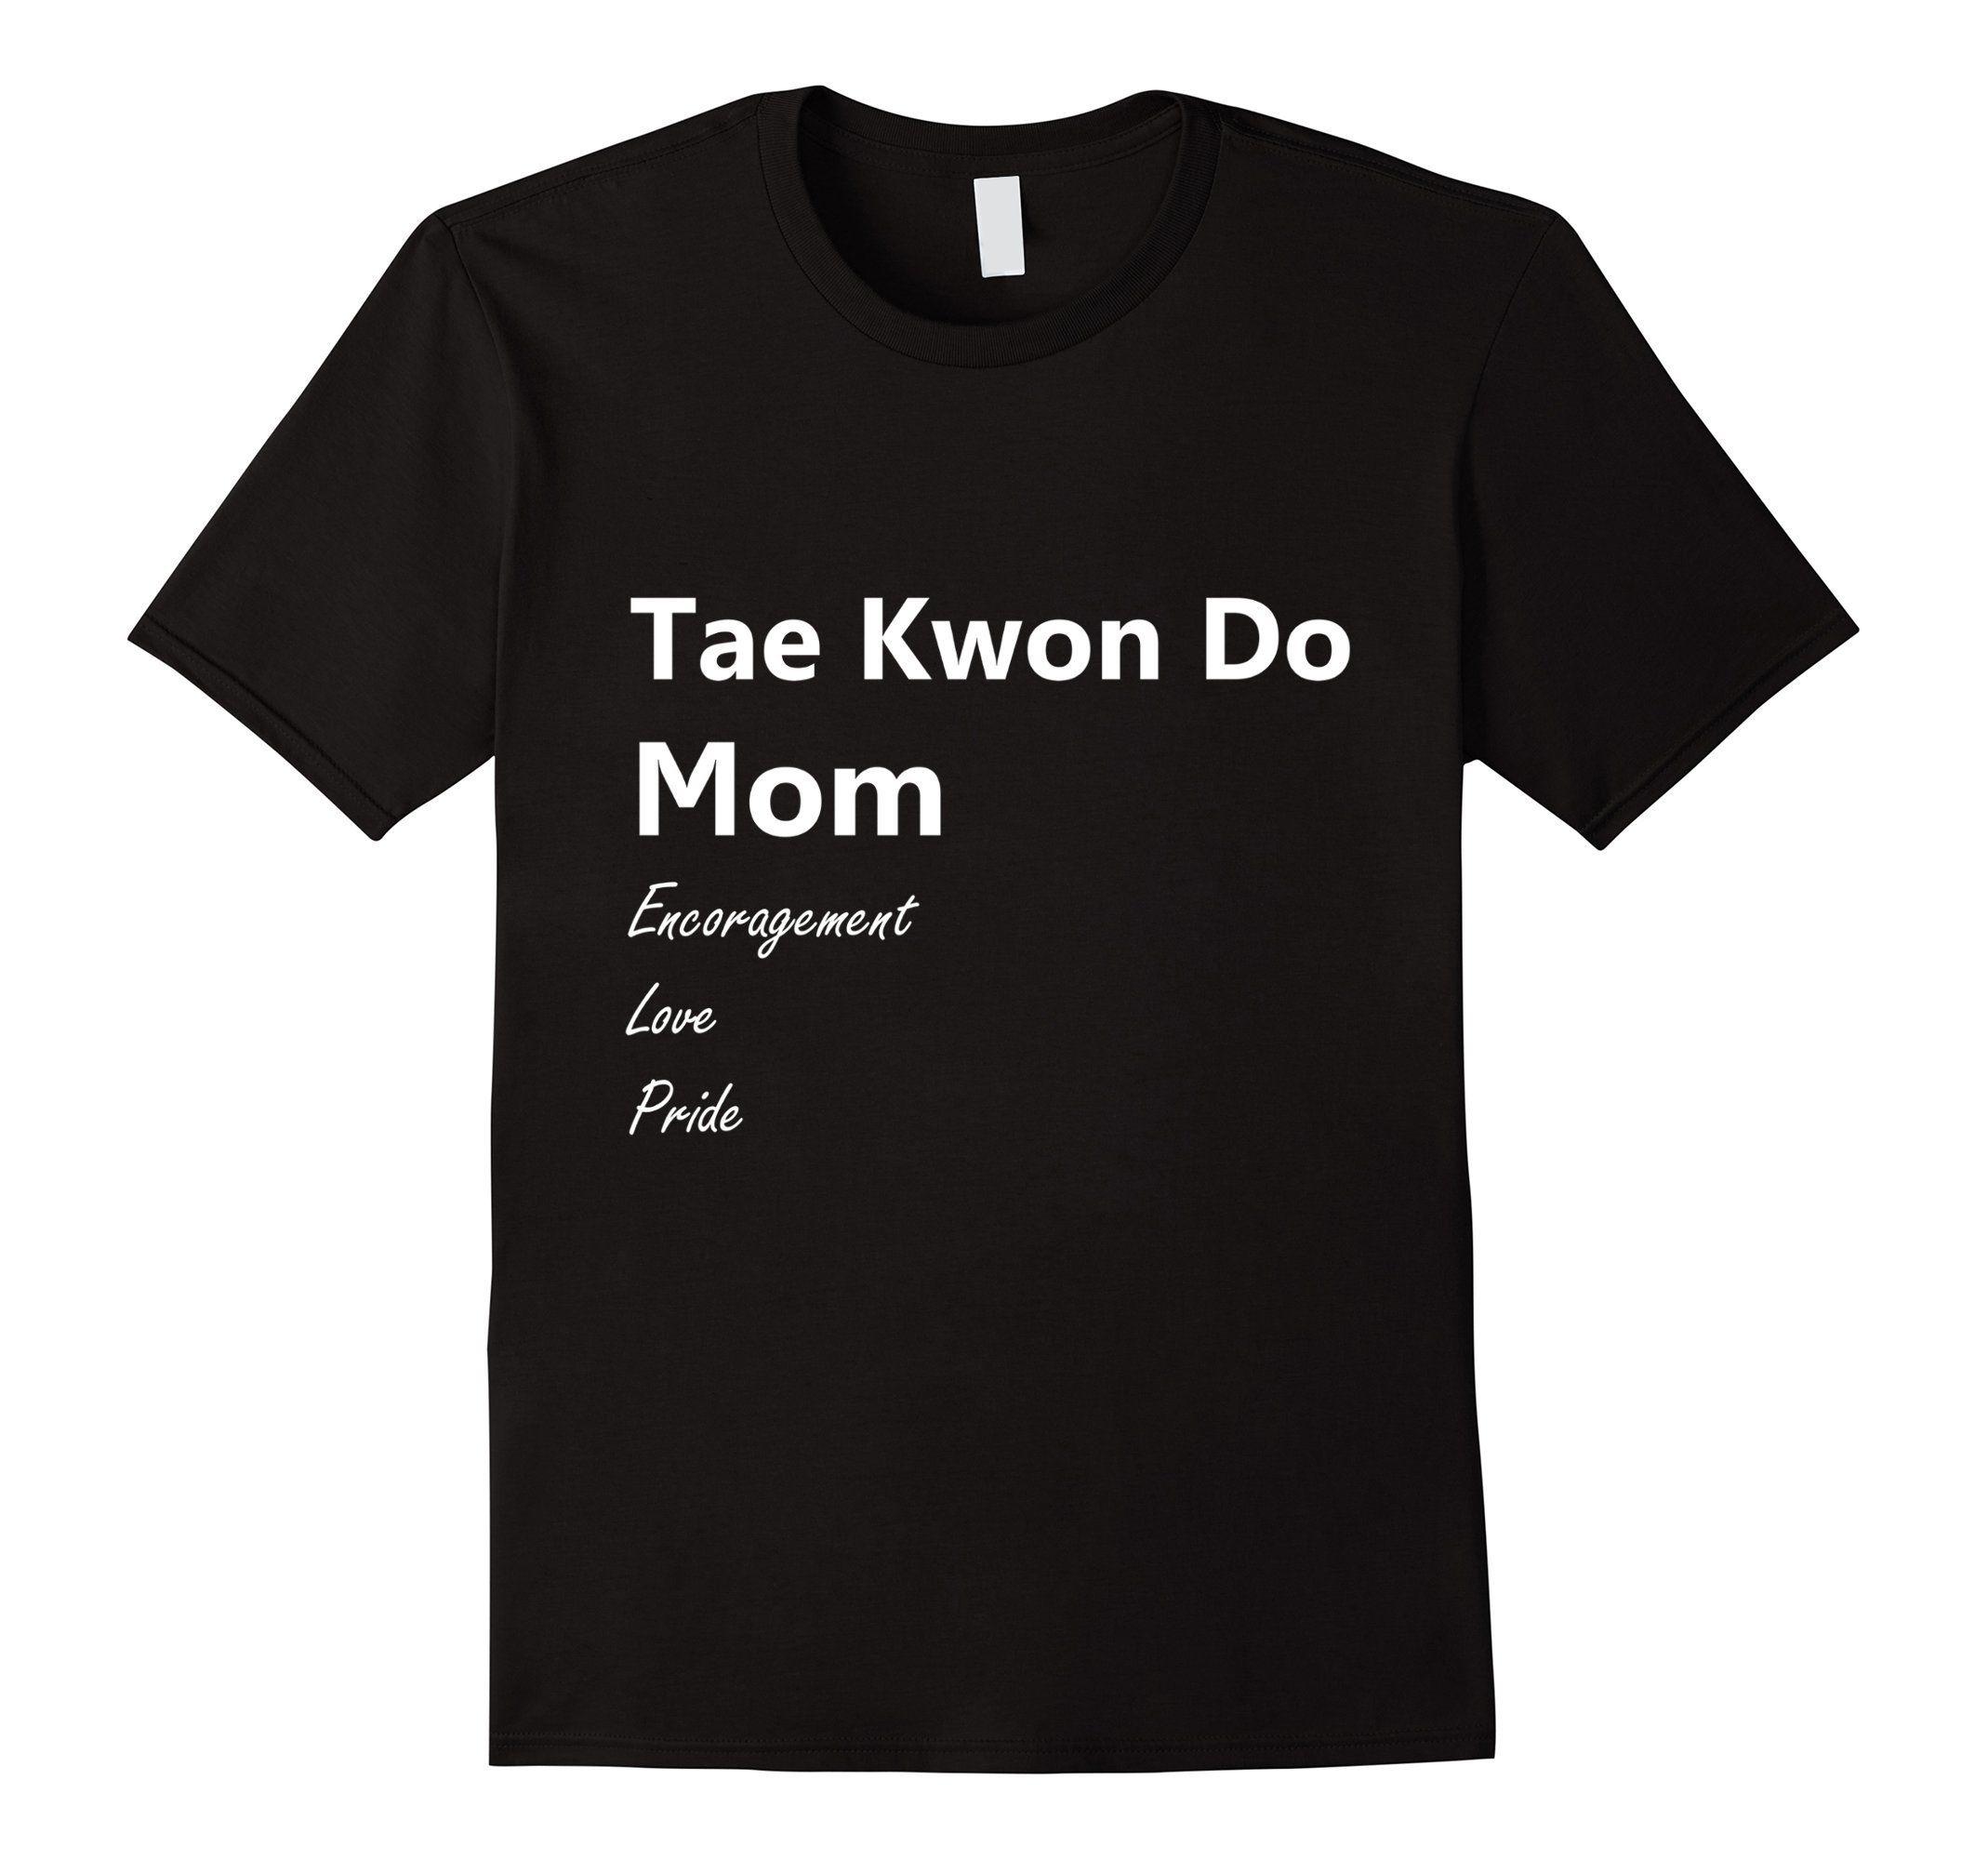 13db7a4be Taekwondo Mom Shirt #taekwondo #martialarts #blackbelt #mom. Find this Pin  and more on Funny T Shirts ...